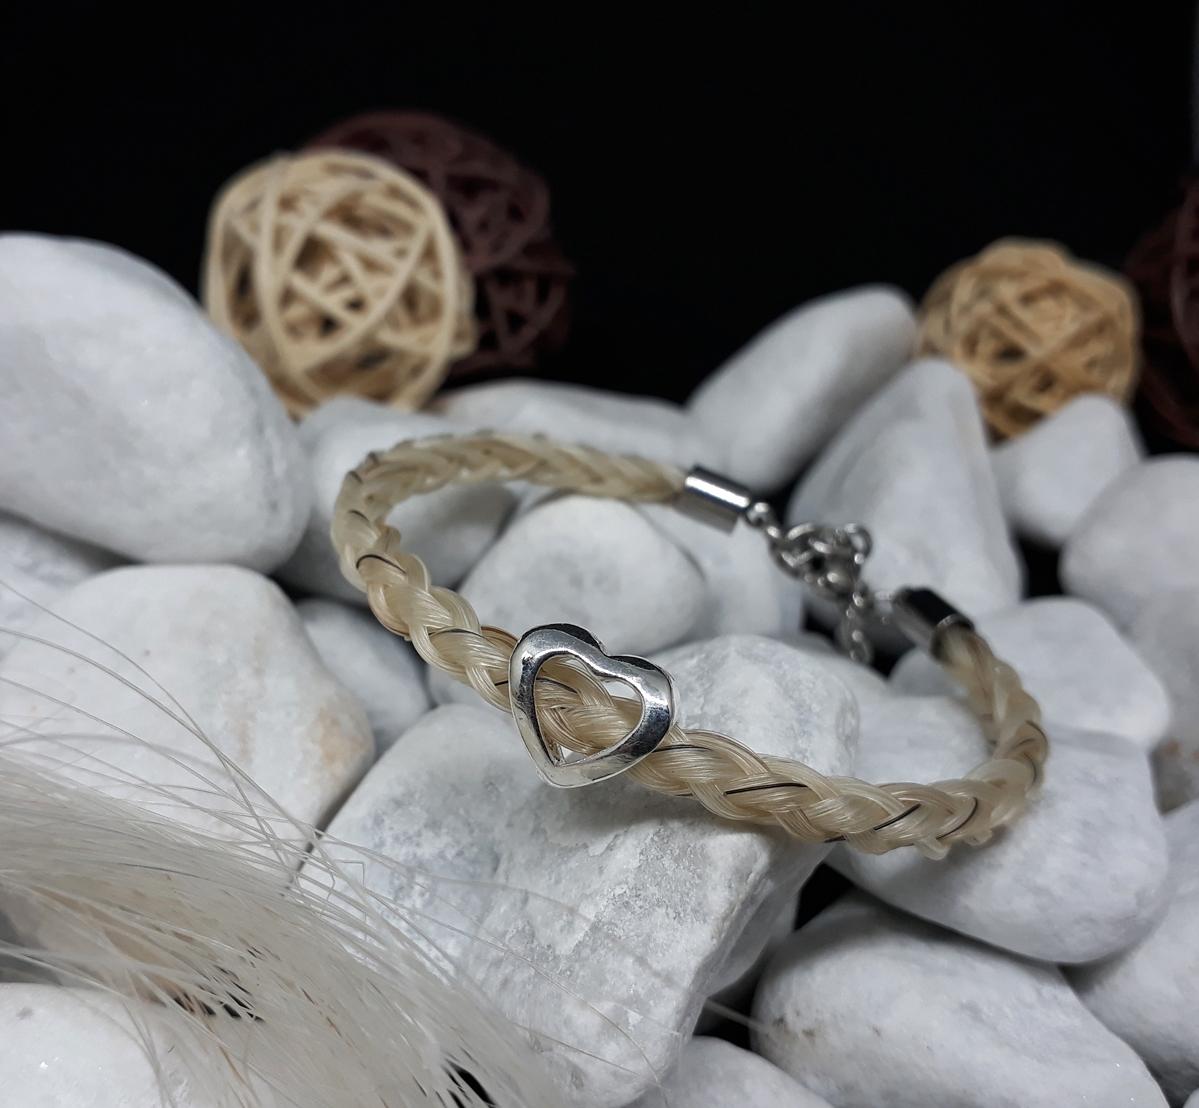 """R6-Herz-offen: Rund geflochtenes Armband aus 6 weißen Strängen mit einzelnen schwarzen Haaren, mit einer versilberten Perle """"Herz offen"""", mit Edelstahl-Karabinerverschluss - Preis: 54 Euro"""